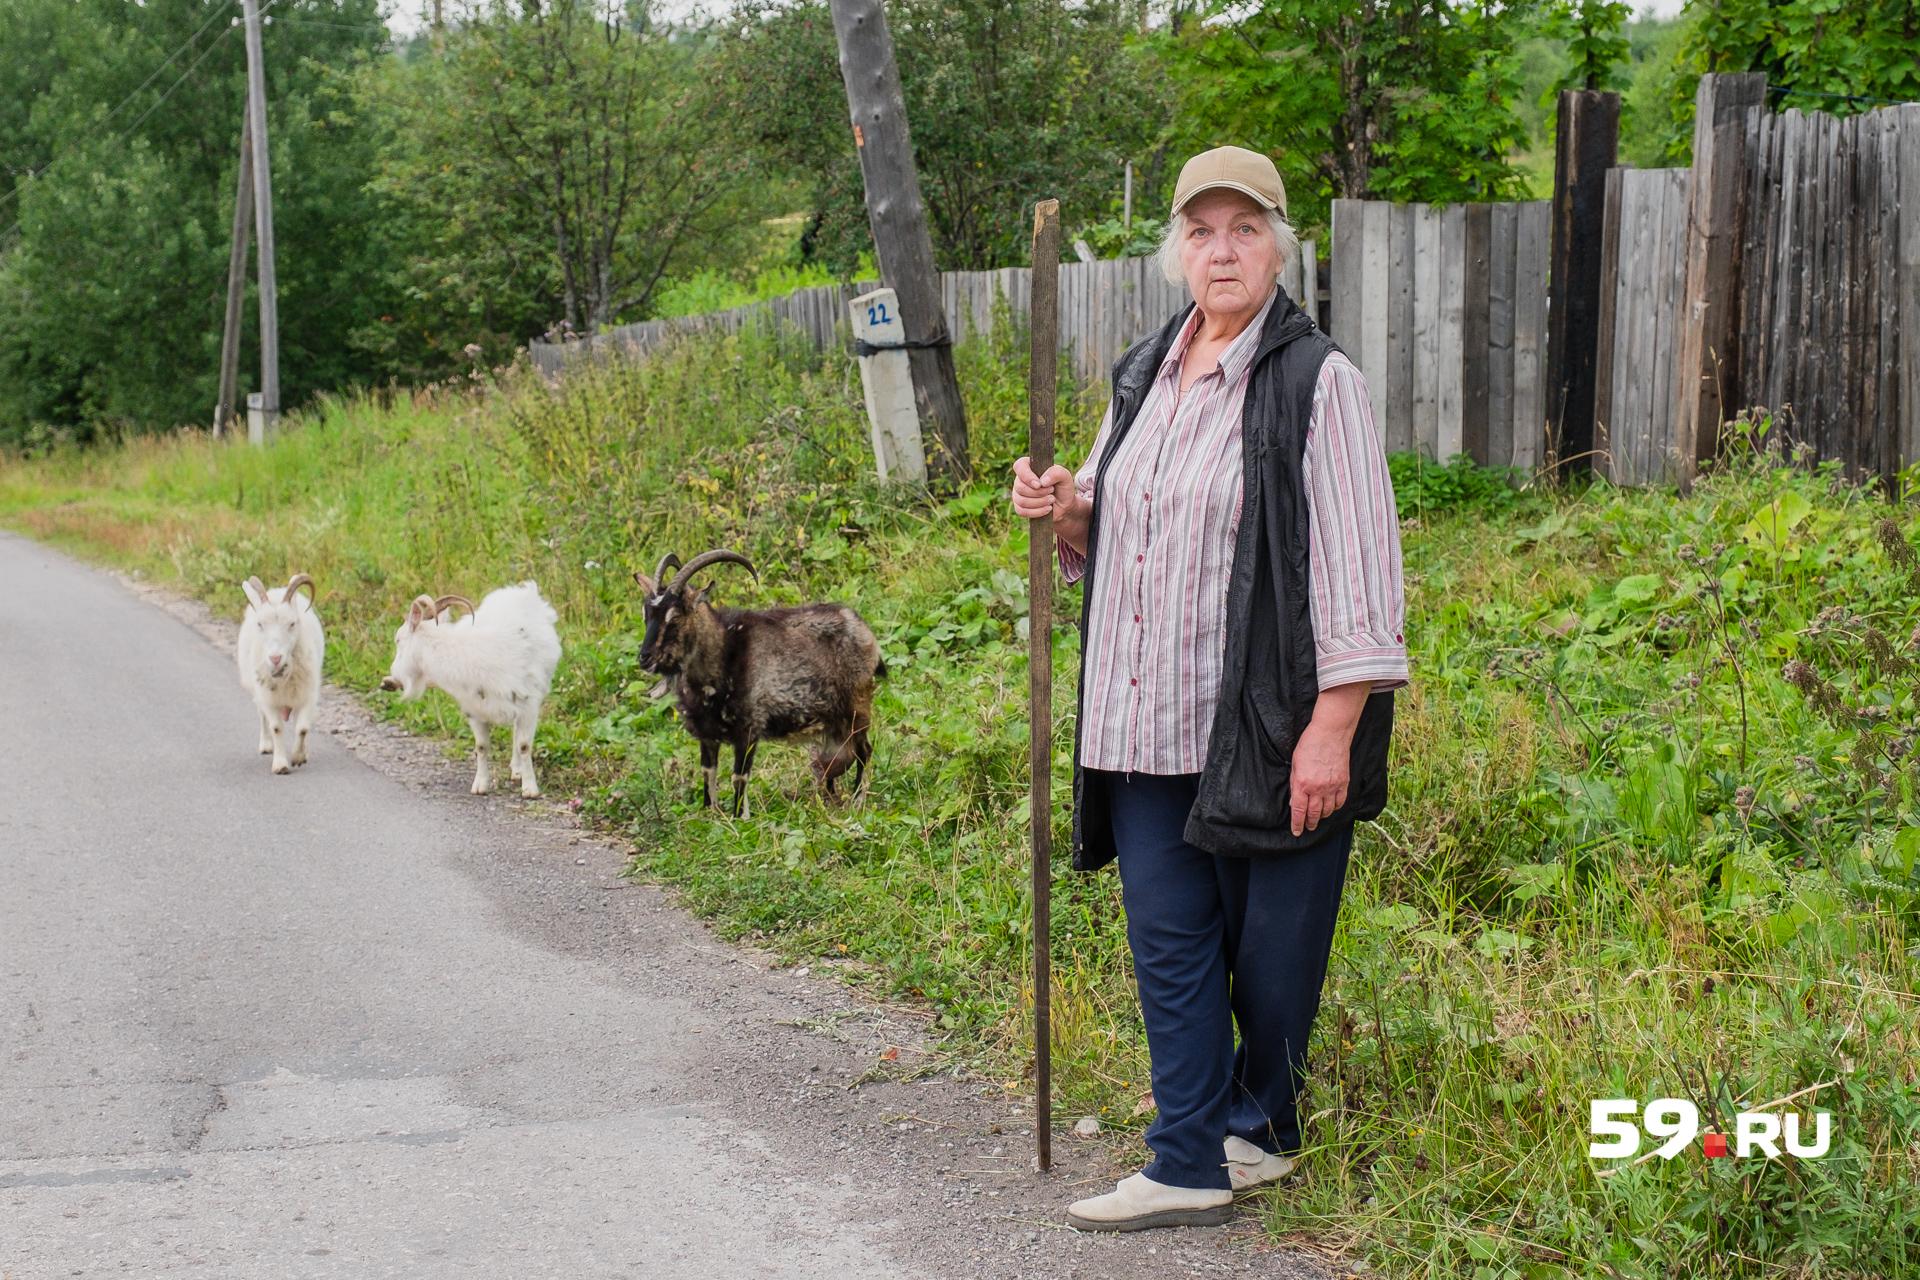 Галина Николаевна работала в Шумихинском поселке врачом